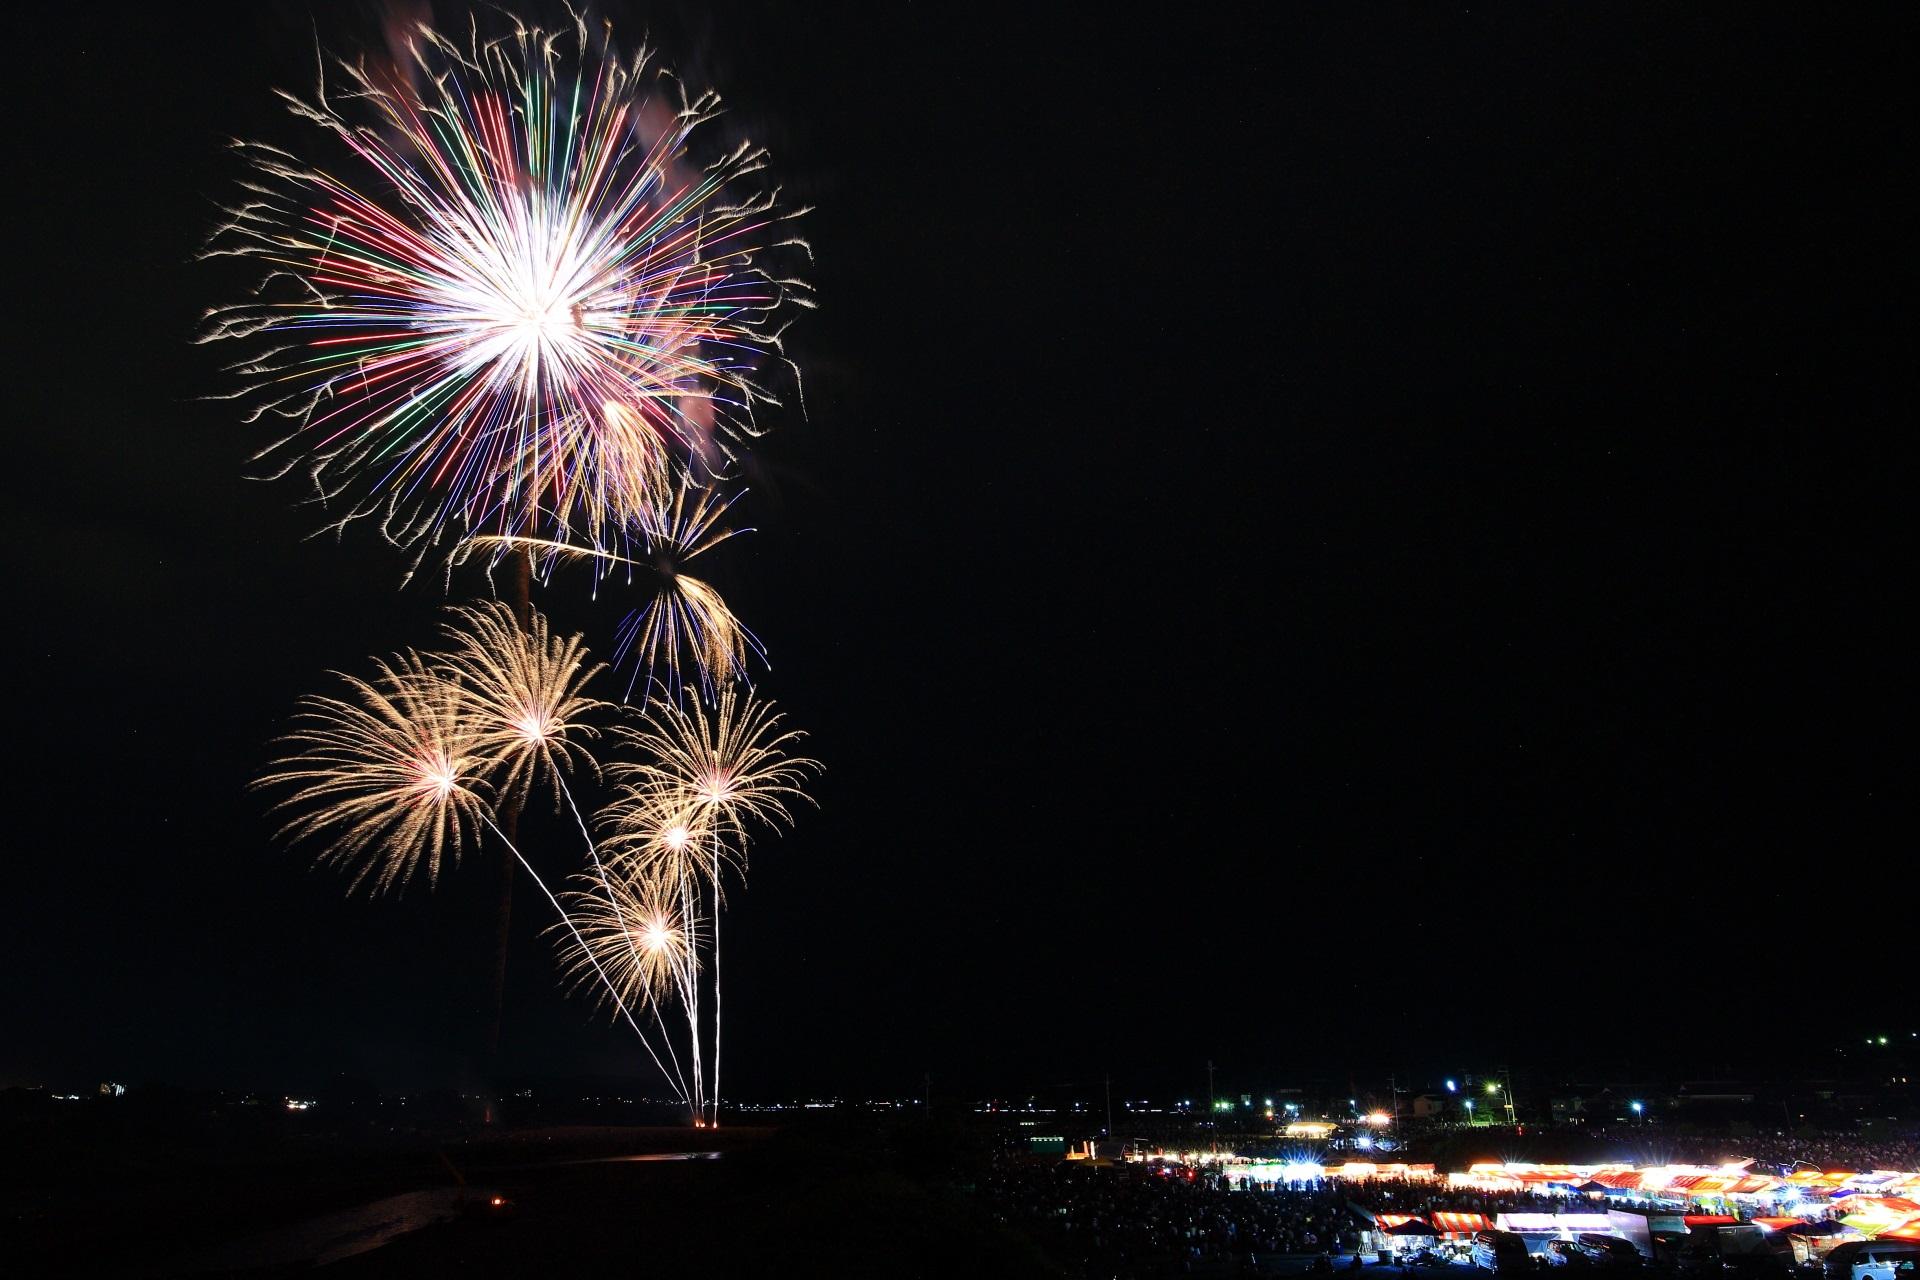 正式名称は「亀岡平和祭保津川市民花火大会」である亀岡花火大会